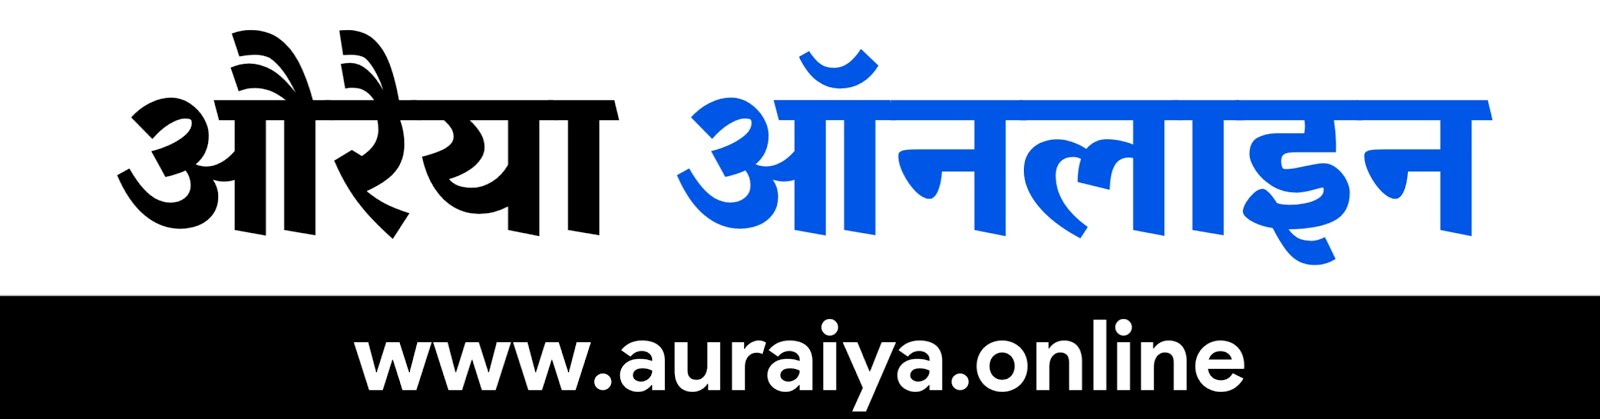 Auraiya News in Hindi: Auraiya Latest News । औरैया जिले का अपना न्यूज़ पोर्टल